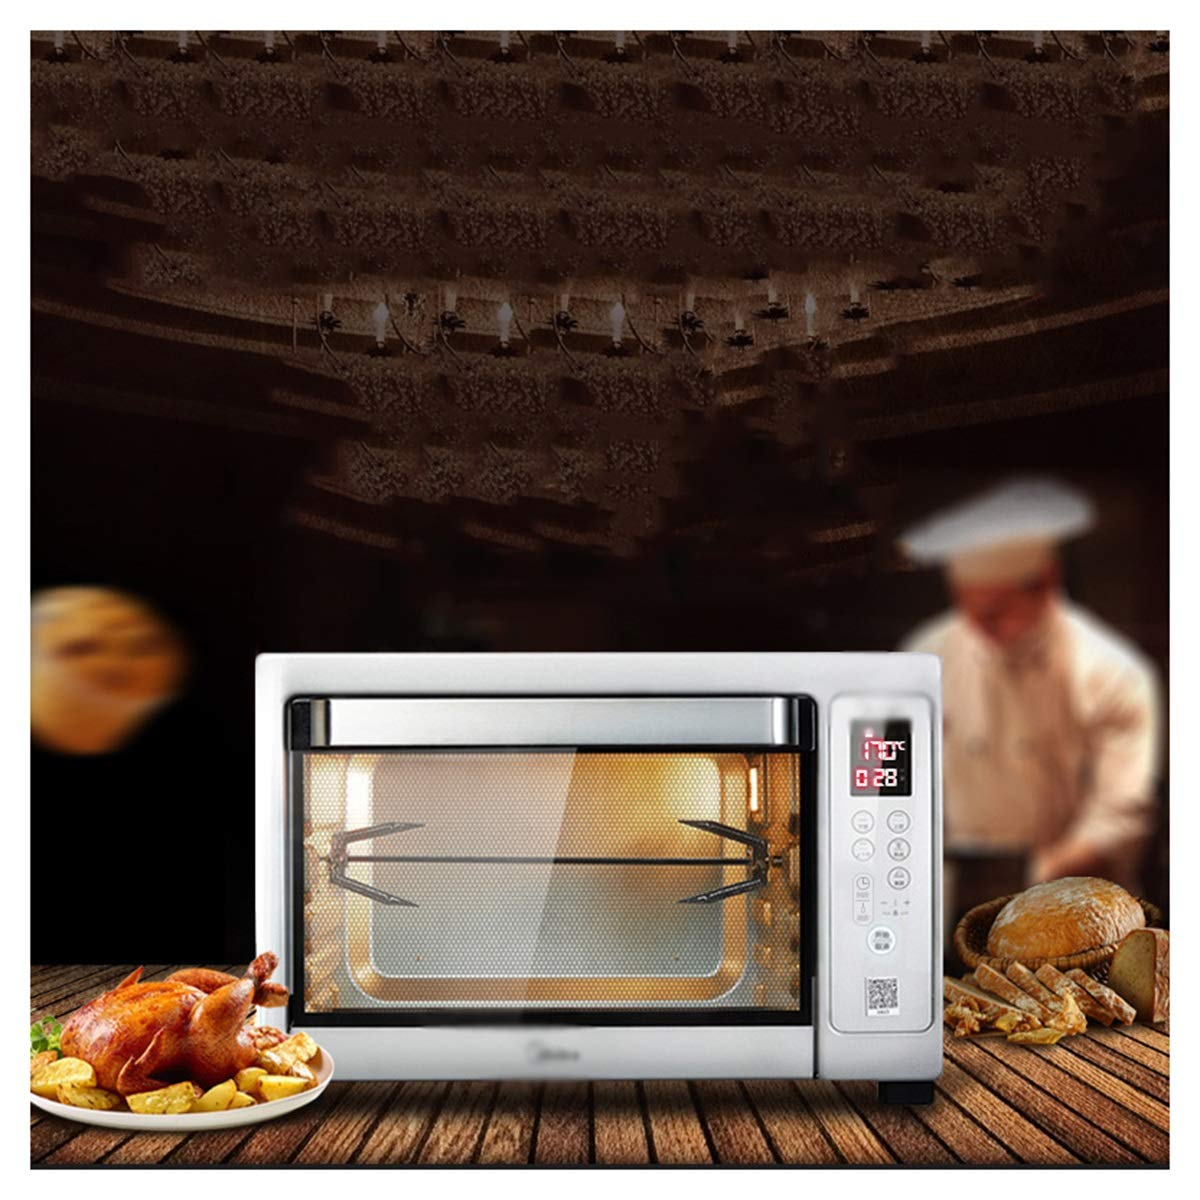 HARDY-YI ミニオーブン - スマートオーブン家庭用ベーキングオーブン多機能オーブン焙煎フォーク38 Lミニオーブン   B07QNF4KGM